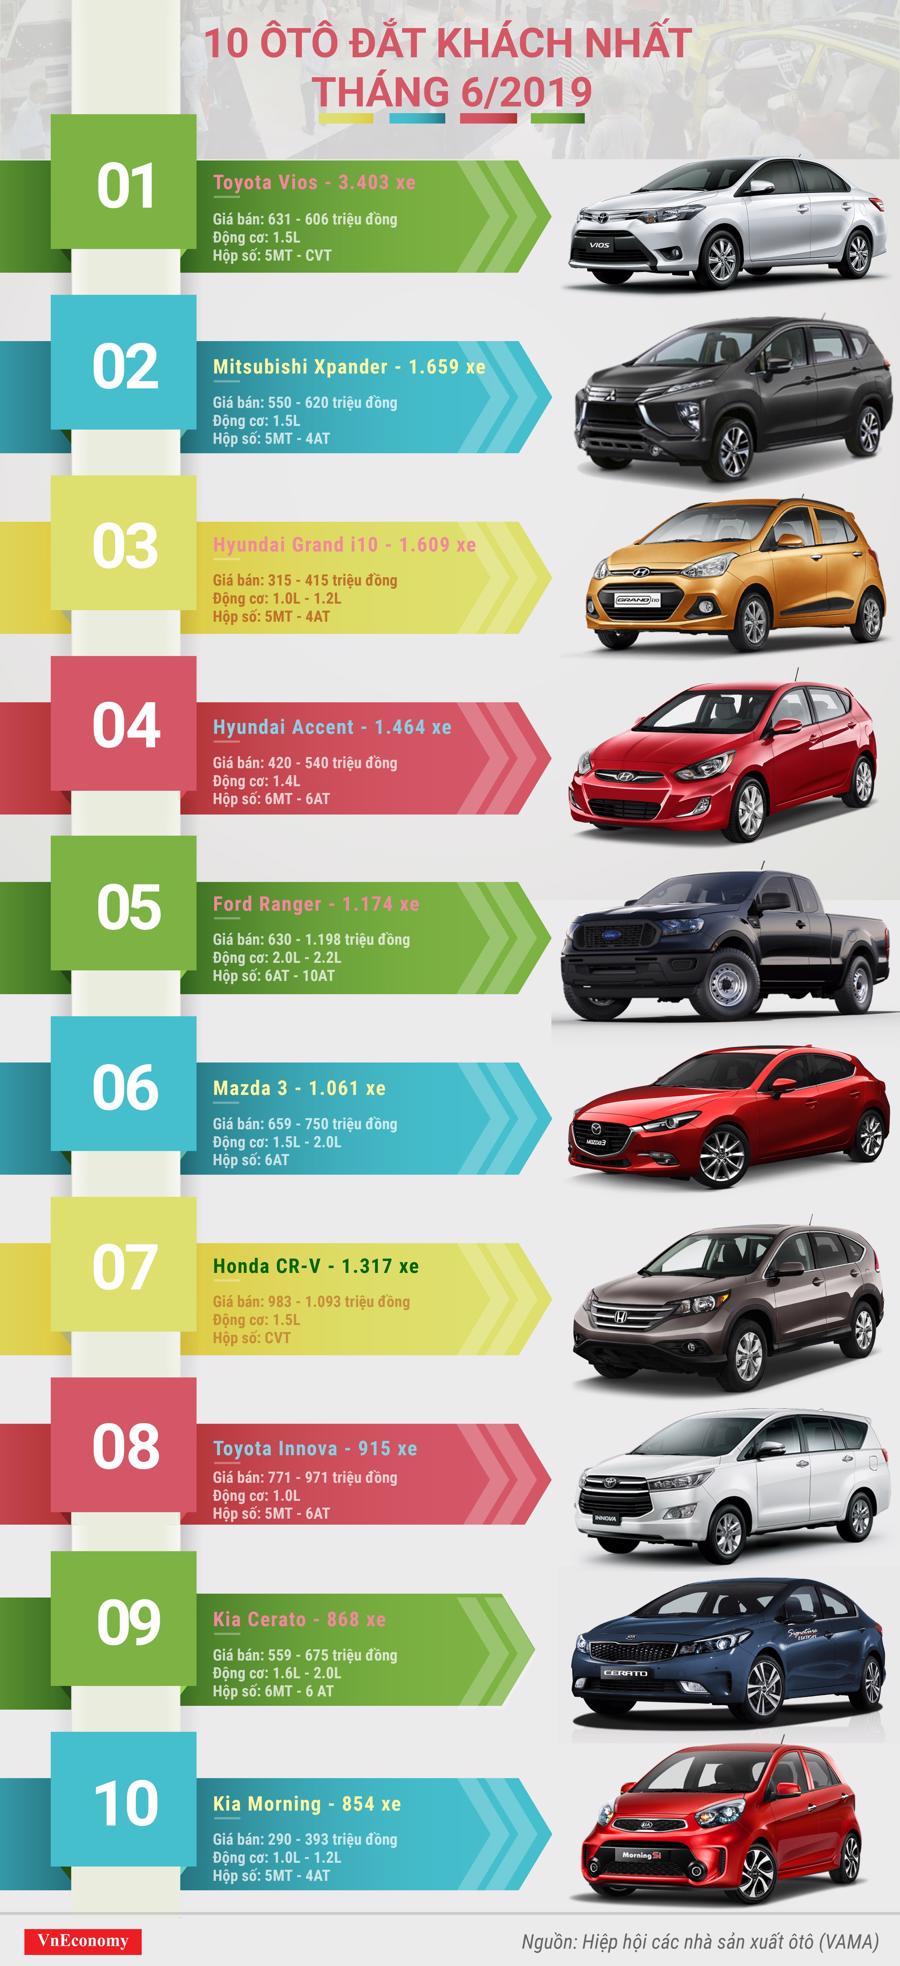 10 ôtô đắt khách nhất tháng 6/2019 - Ảnh 1.